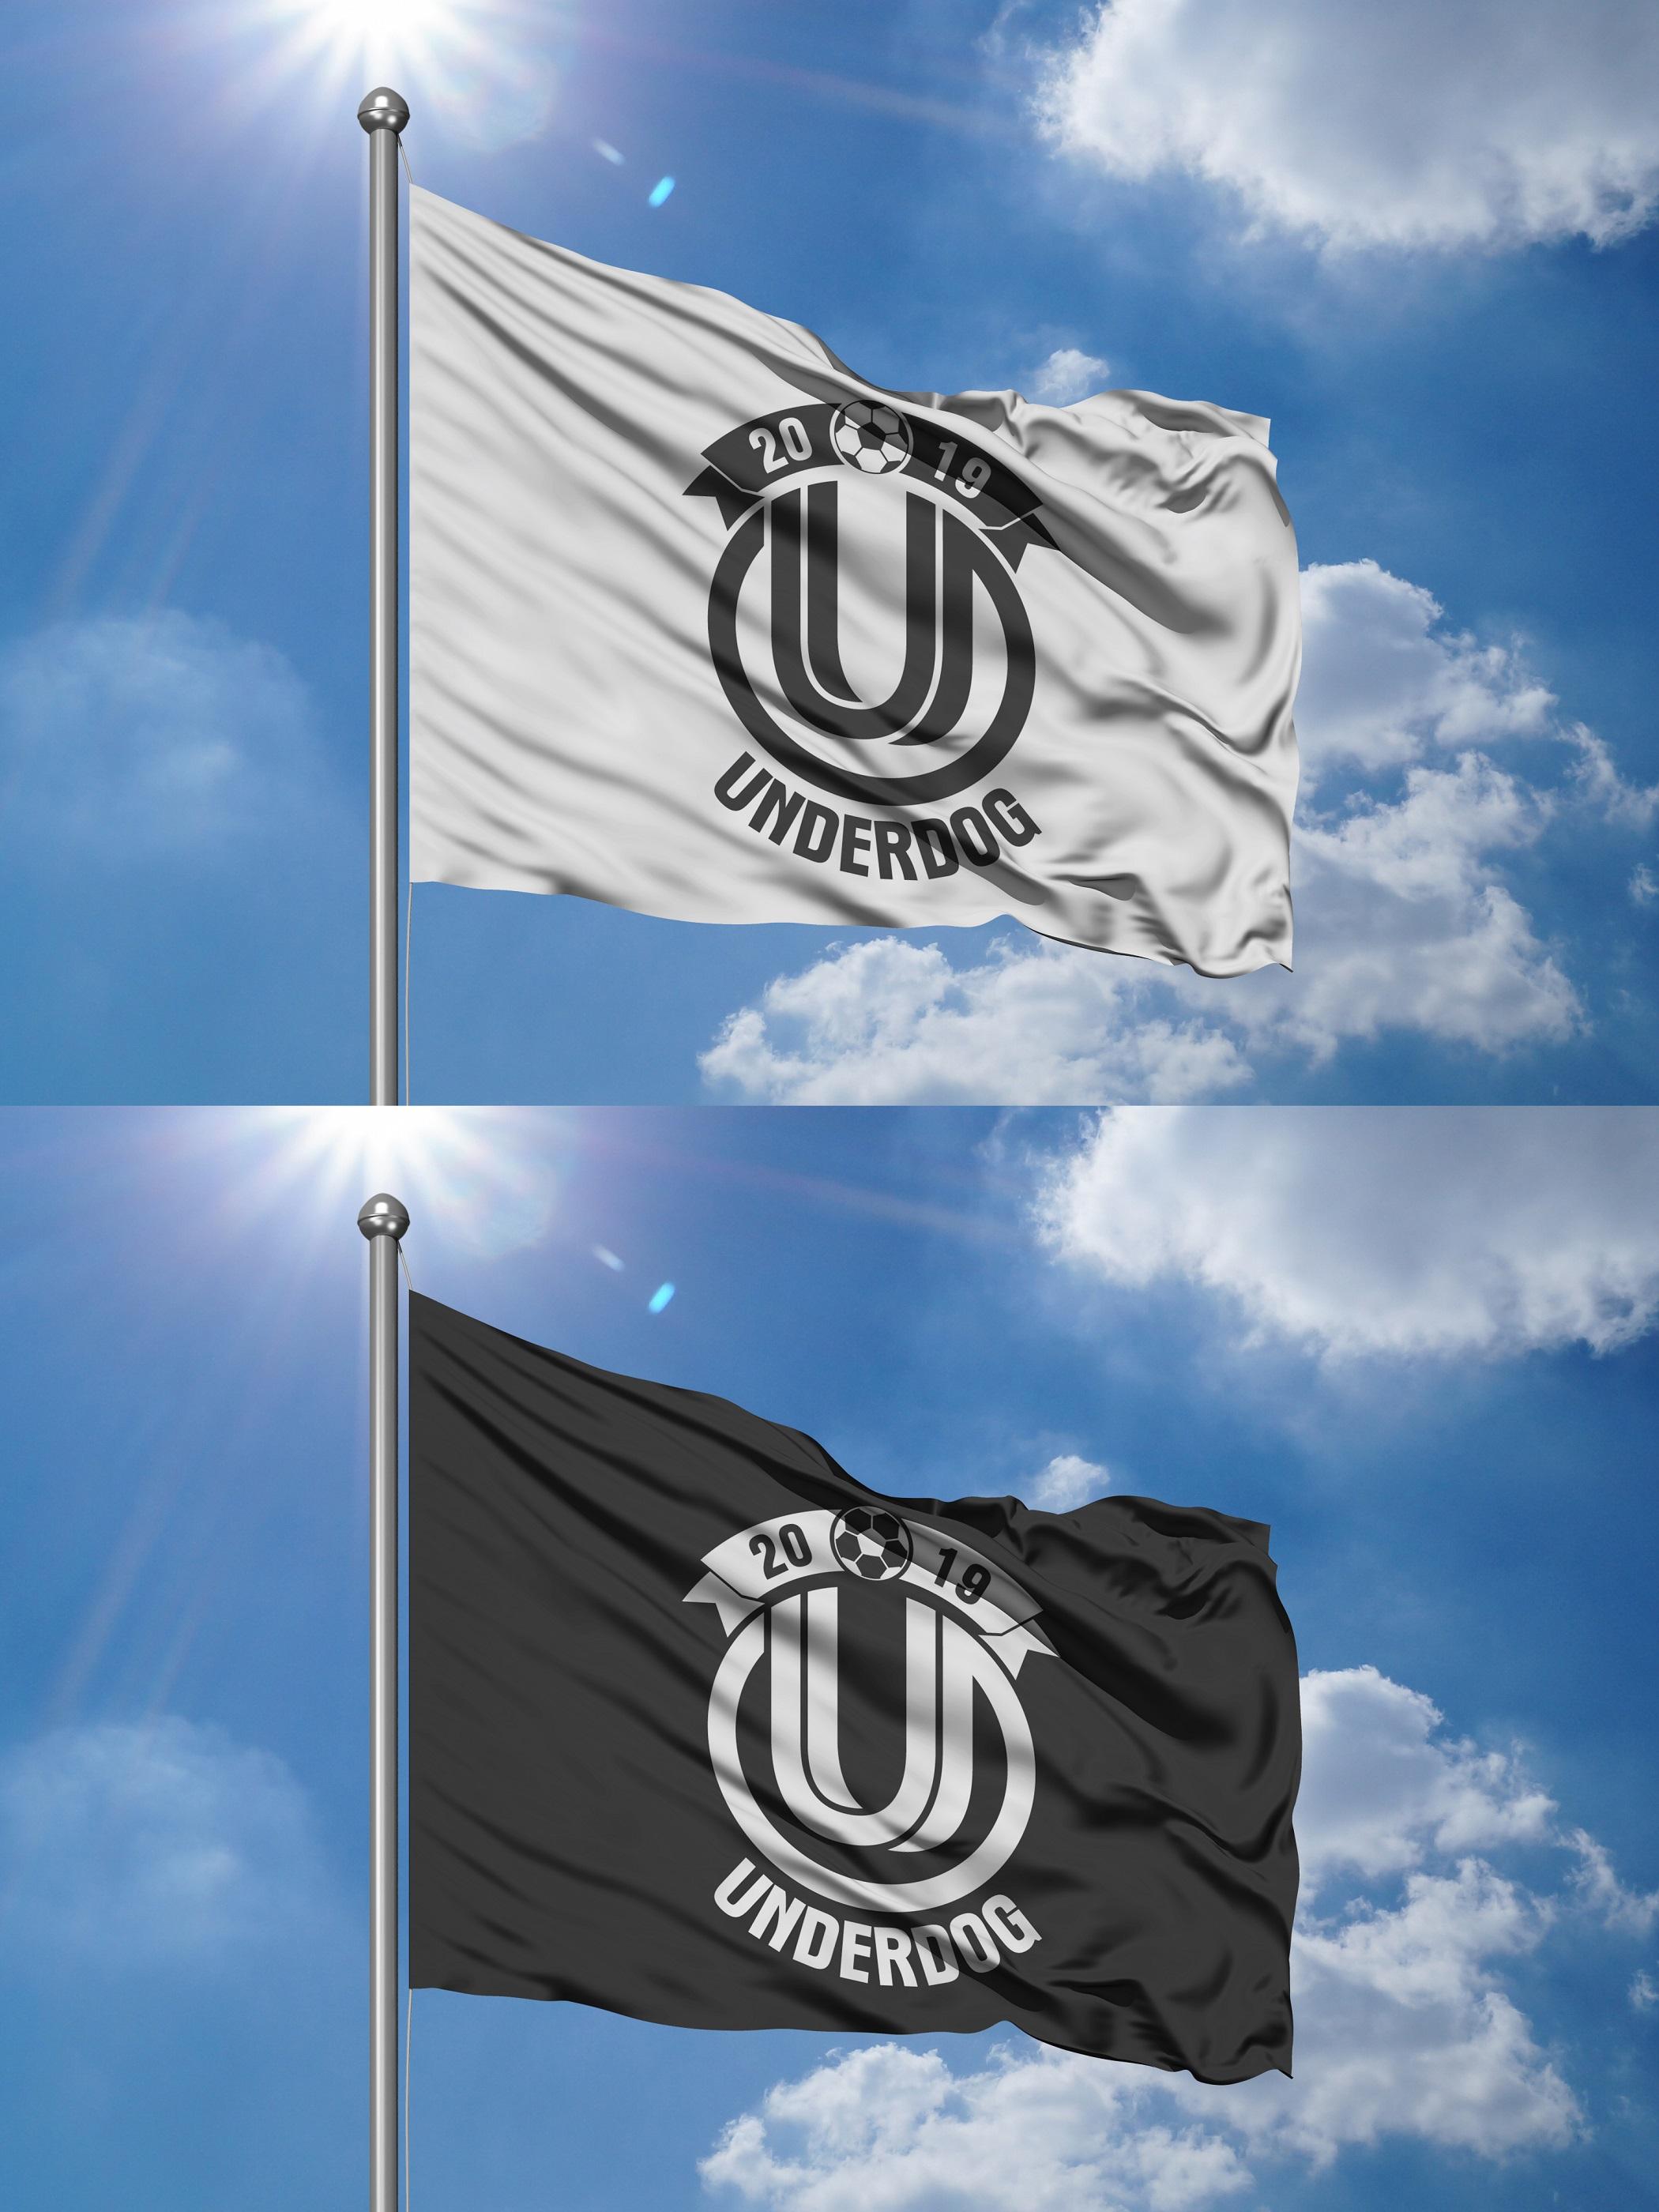 Футбольный клуб UNDERDOG - разработать фирстиль и бренд-бук фото f_1805cb05f1a5d29d.jpg